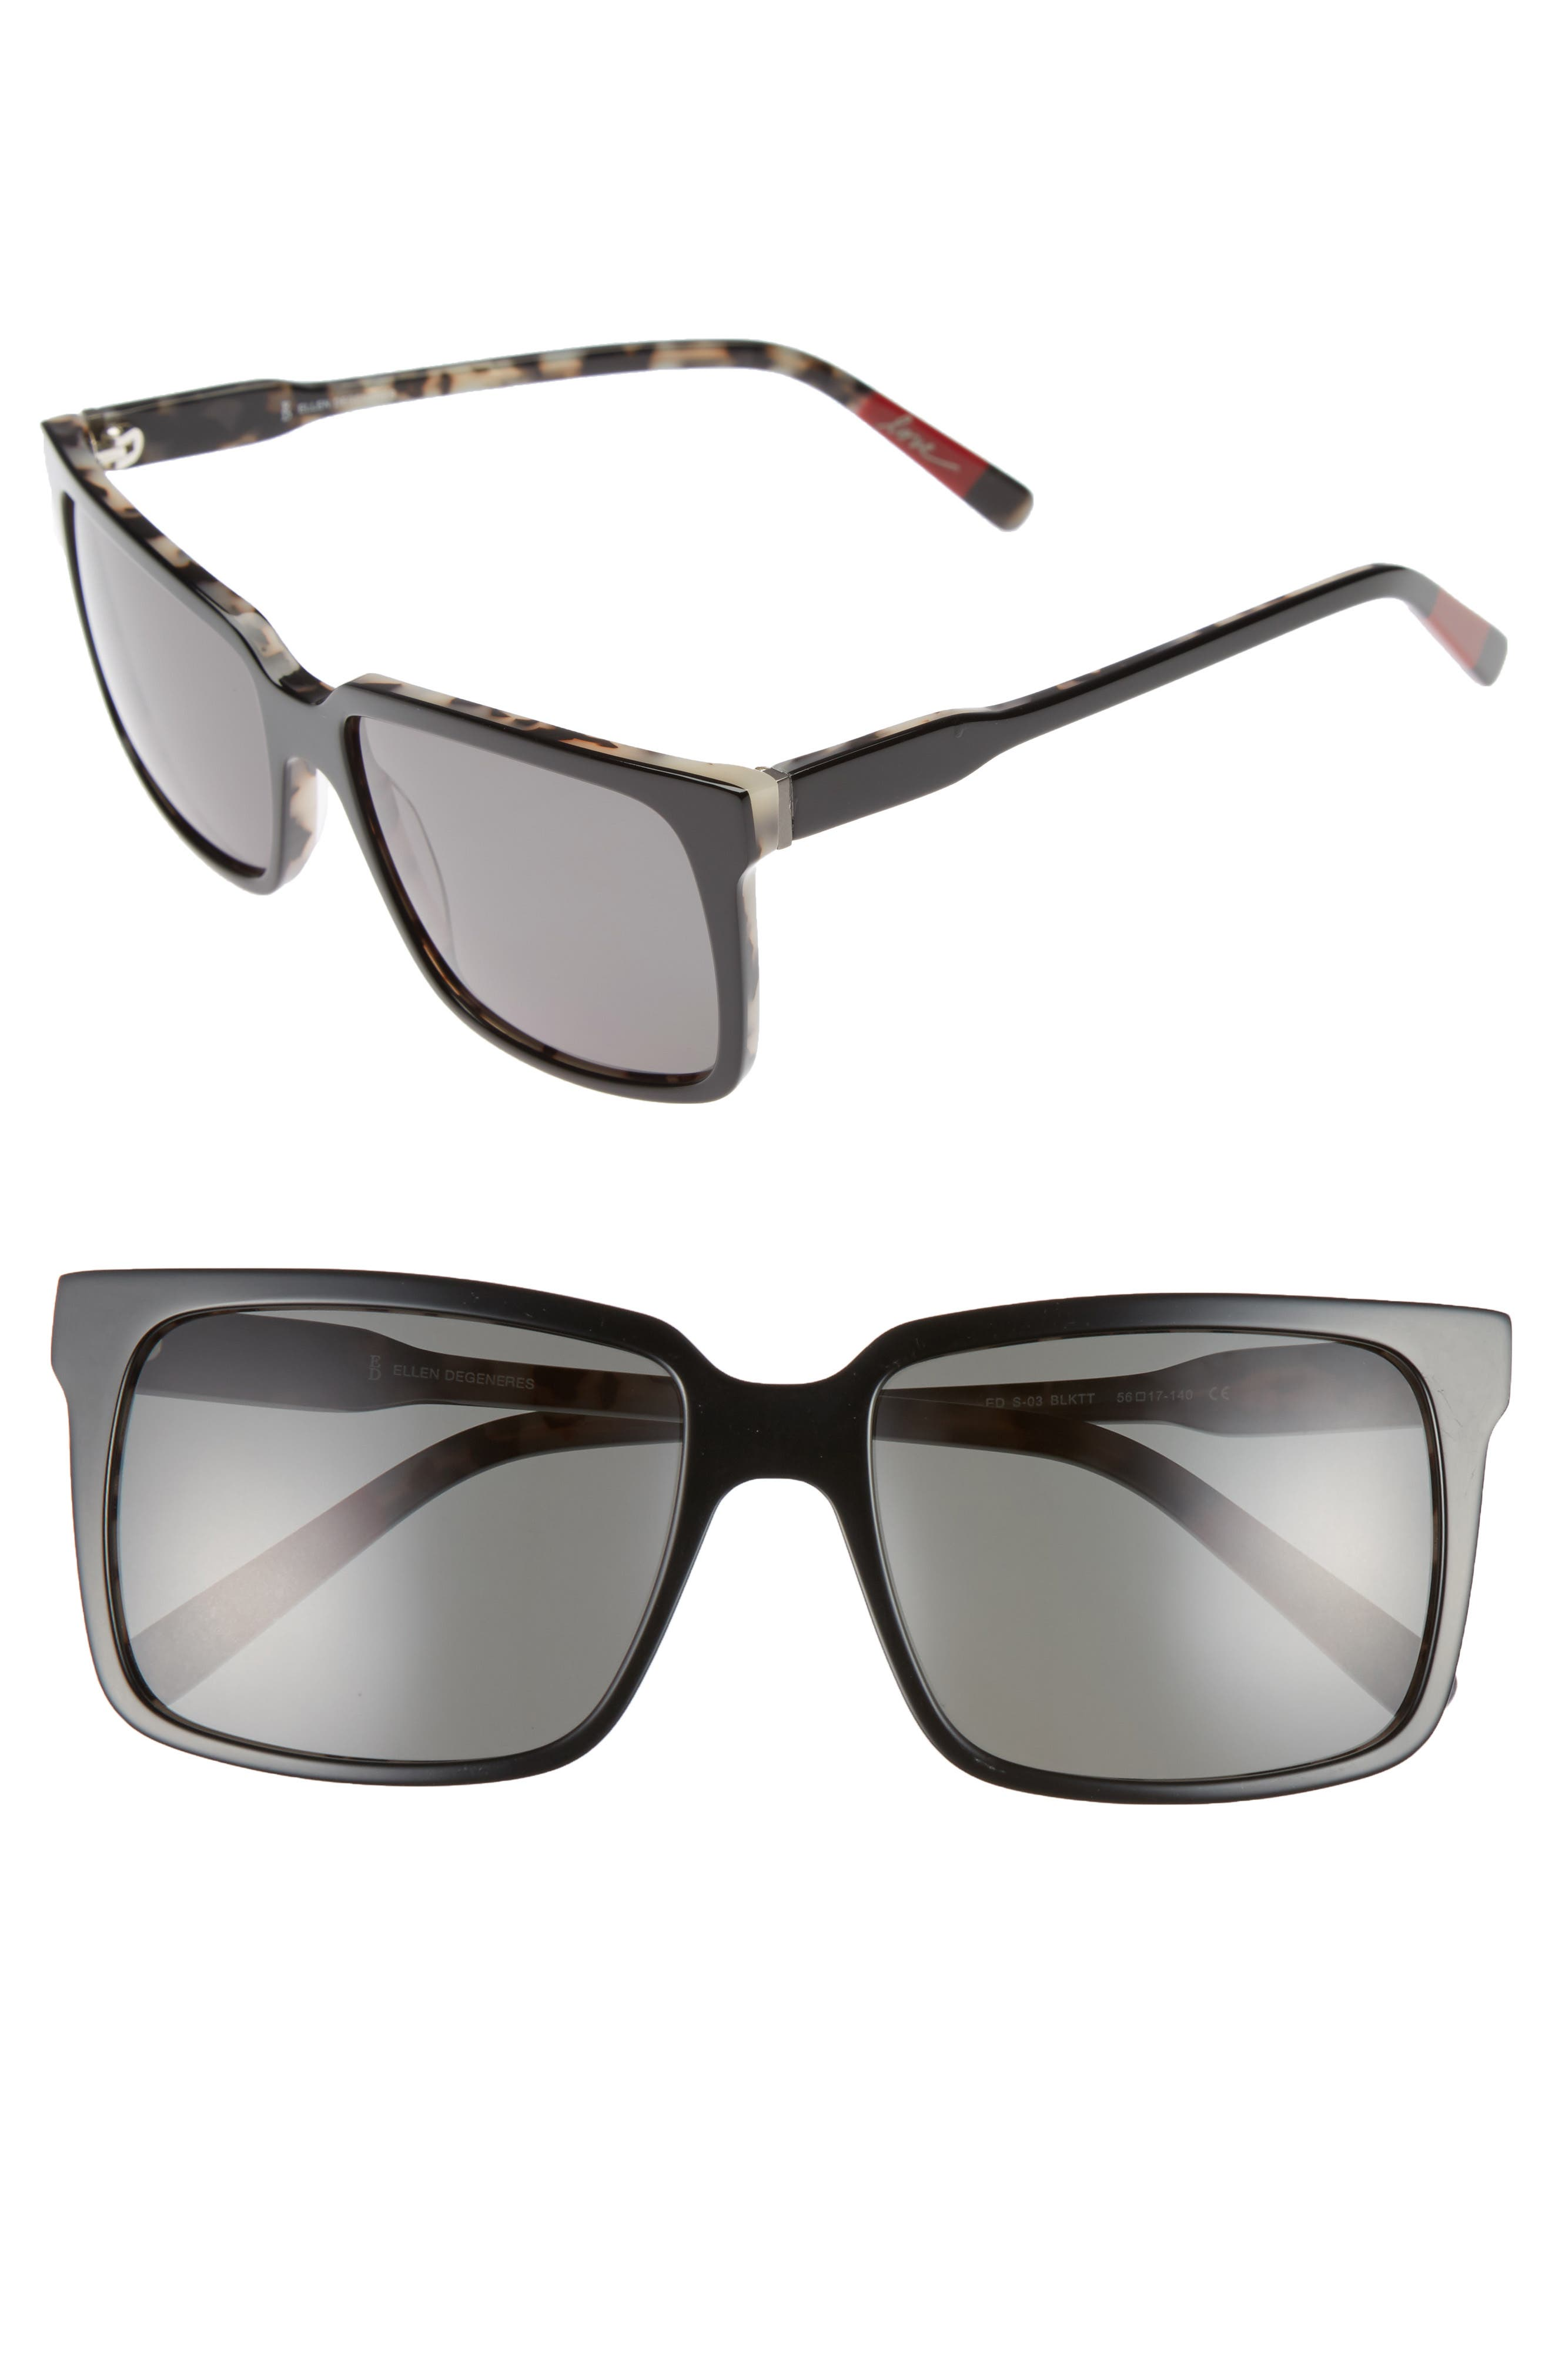 Main Image - ED Ellen DeGeneres 56mm Gradient Square Sunglasses